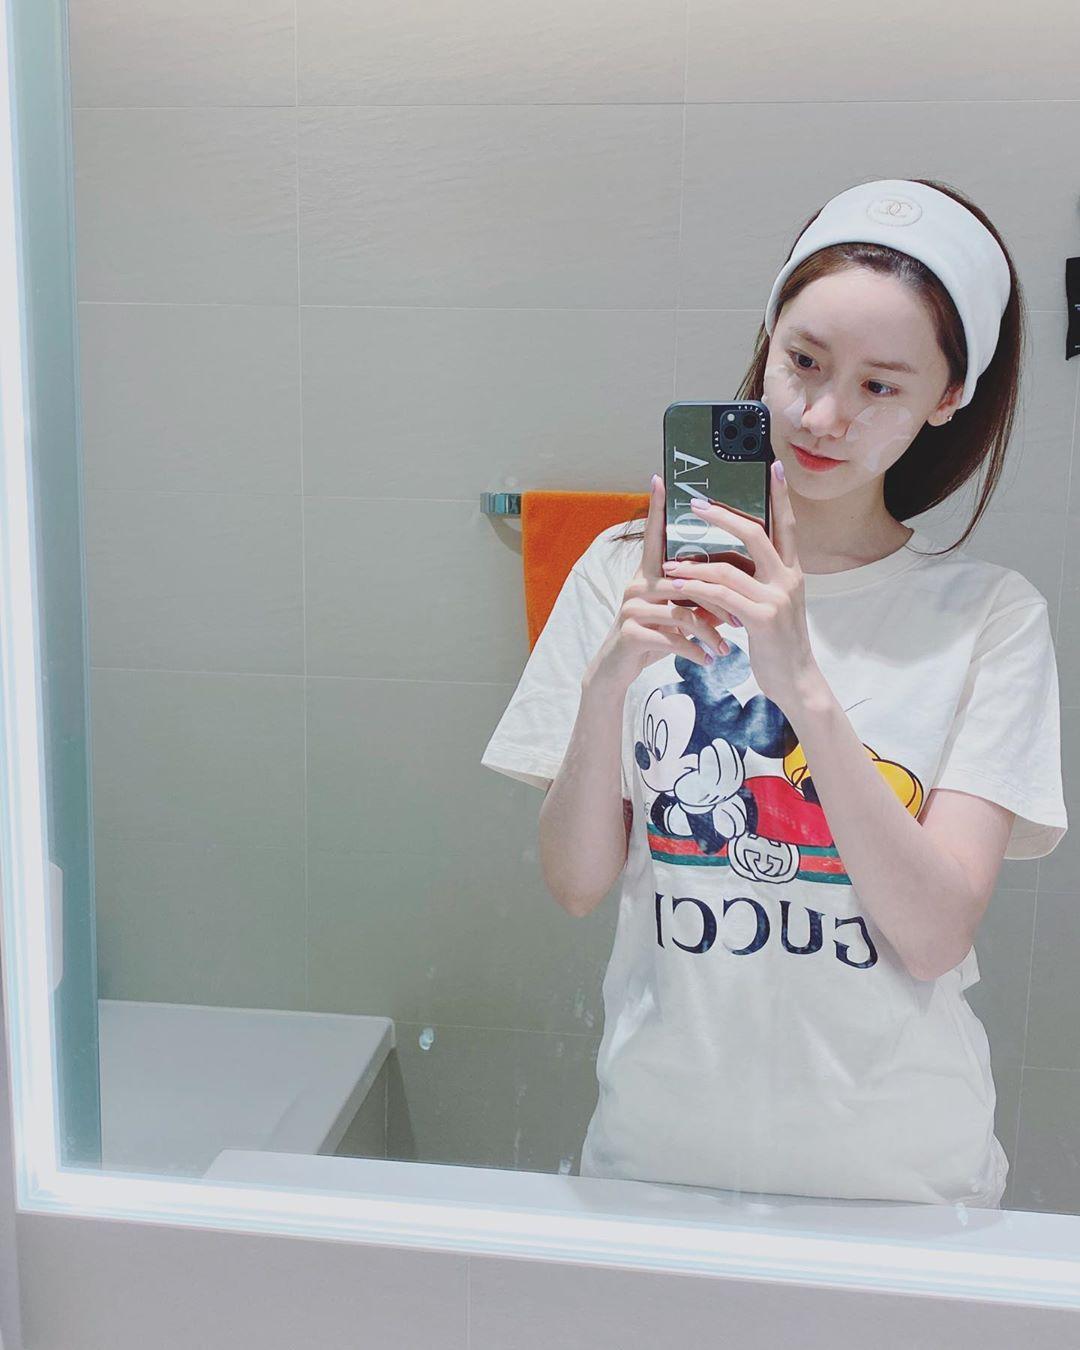 Vừa tròn 30, Yoona bật mí 5 chiêu dưỡng da 'bất di bất dịch' mà cô chưa một lần coi thường, chị em nghe xong gật gù tâm đắc - Ảnh 3